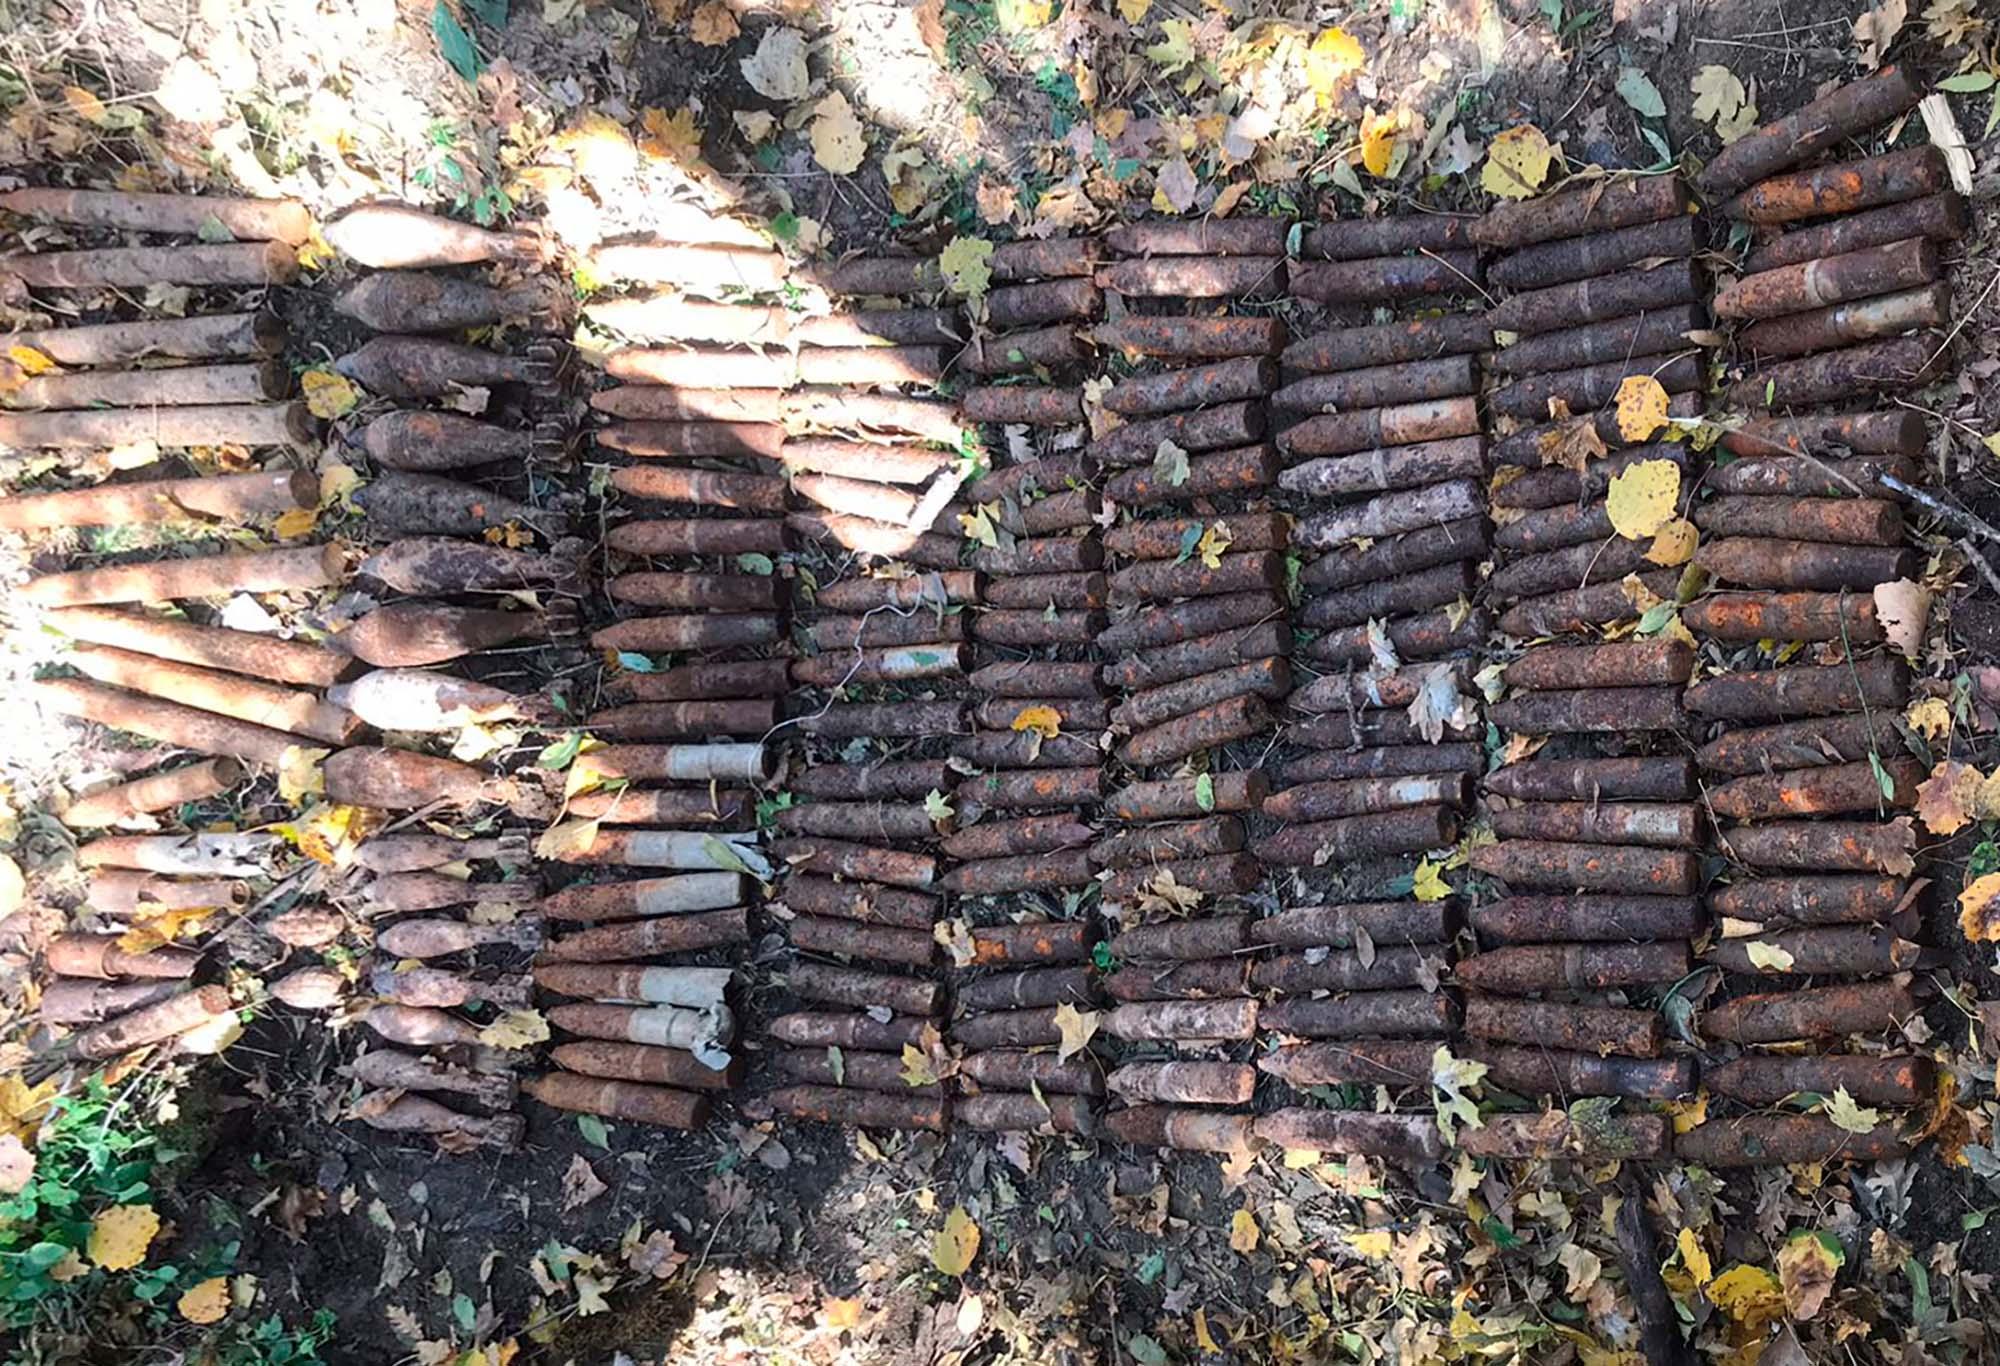 Житель Краснодара пошел в лес за грибами, а нашел боеприпасы